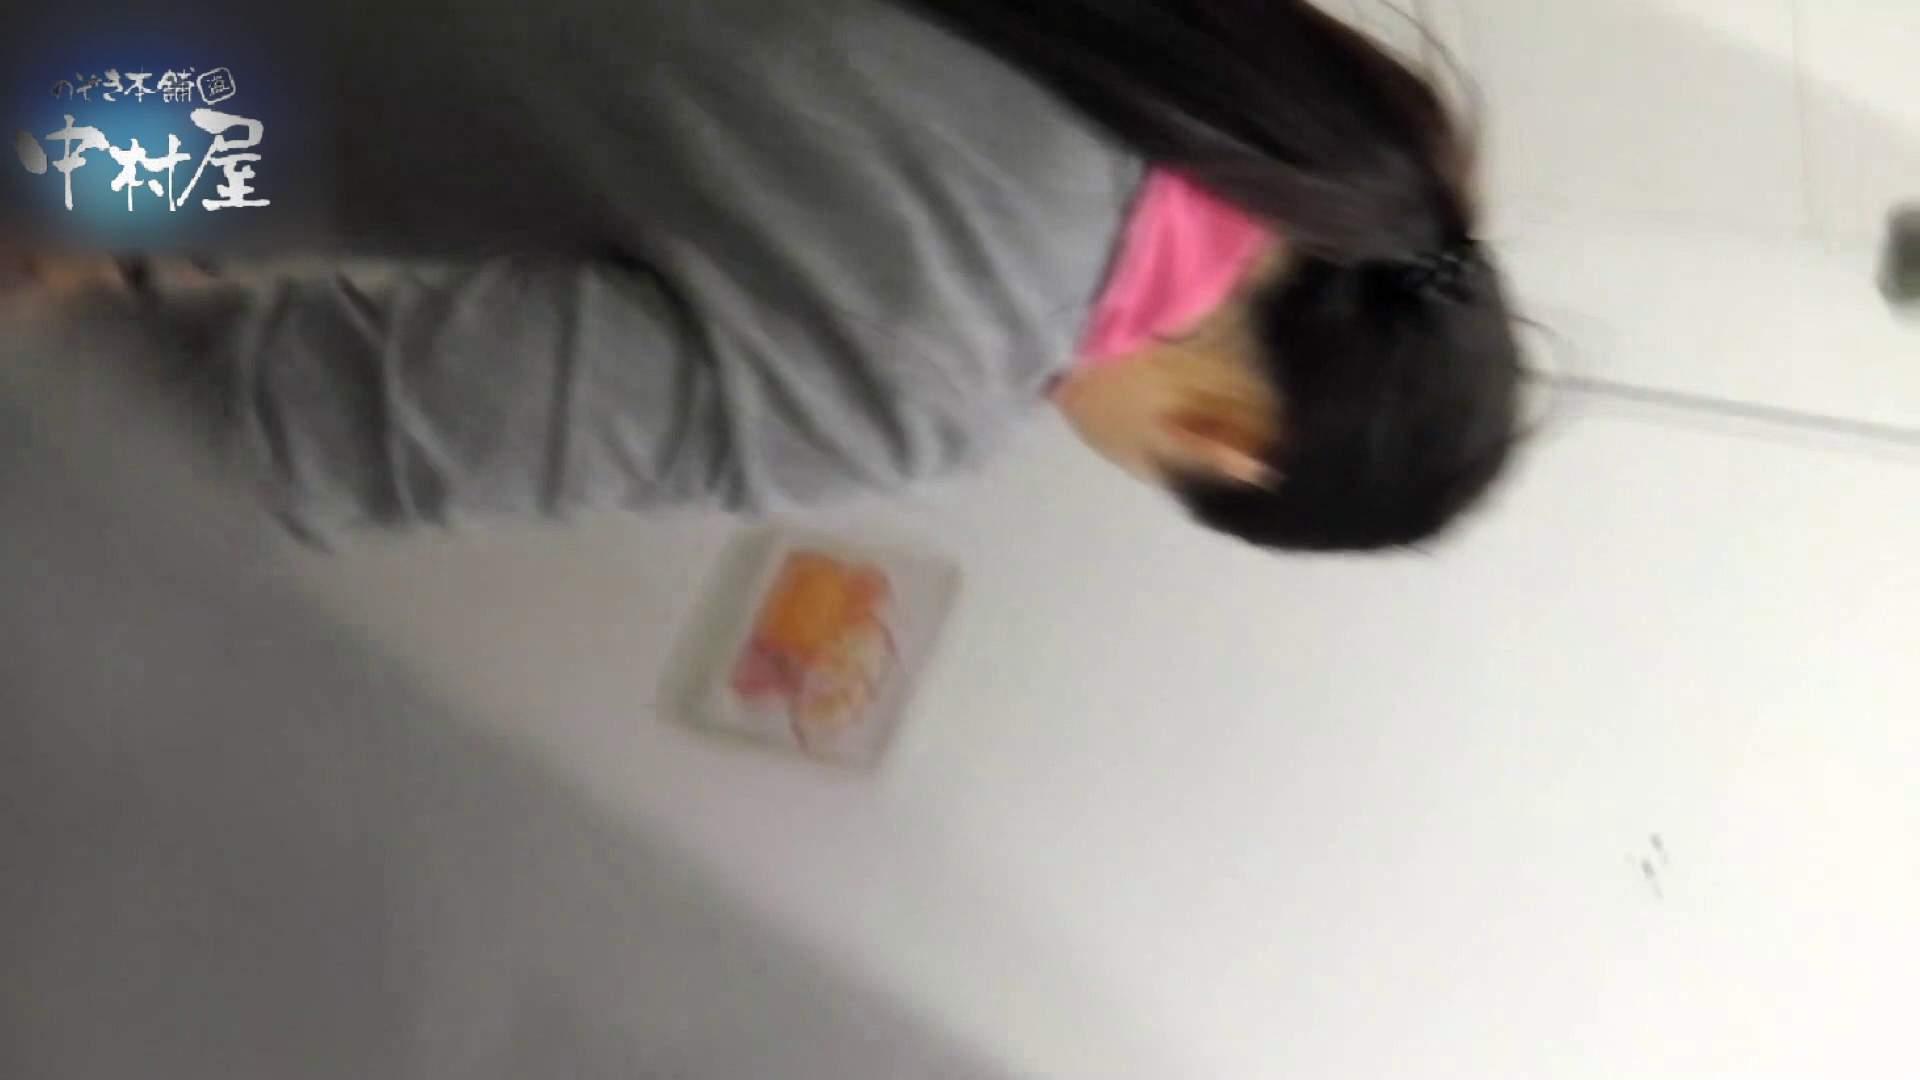 乙女集まる!ショッピングモール潜入撮vol.05 OLエロ画像 覗きワレメ動画紹介 109PICs 92